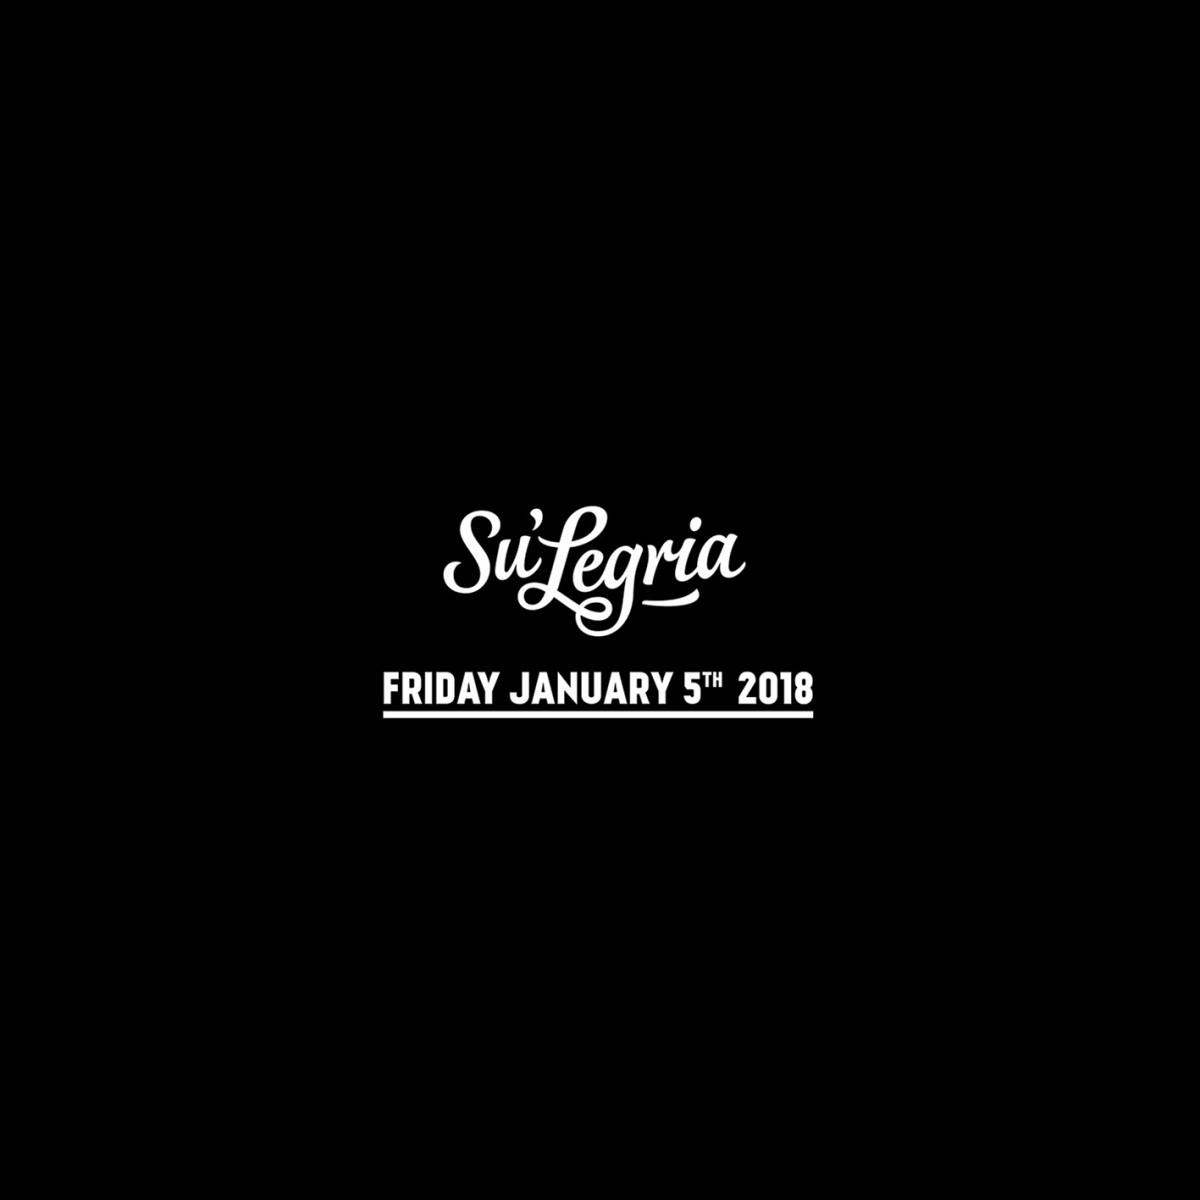 SuLegria 2018